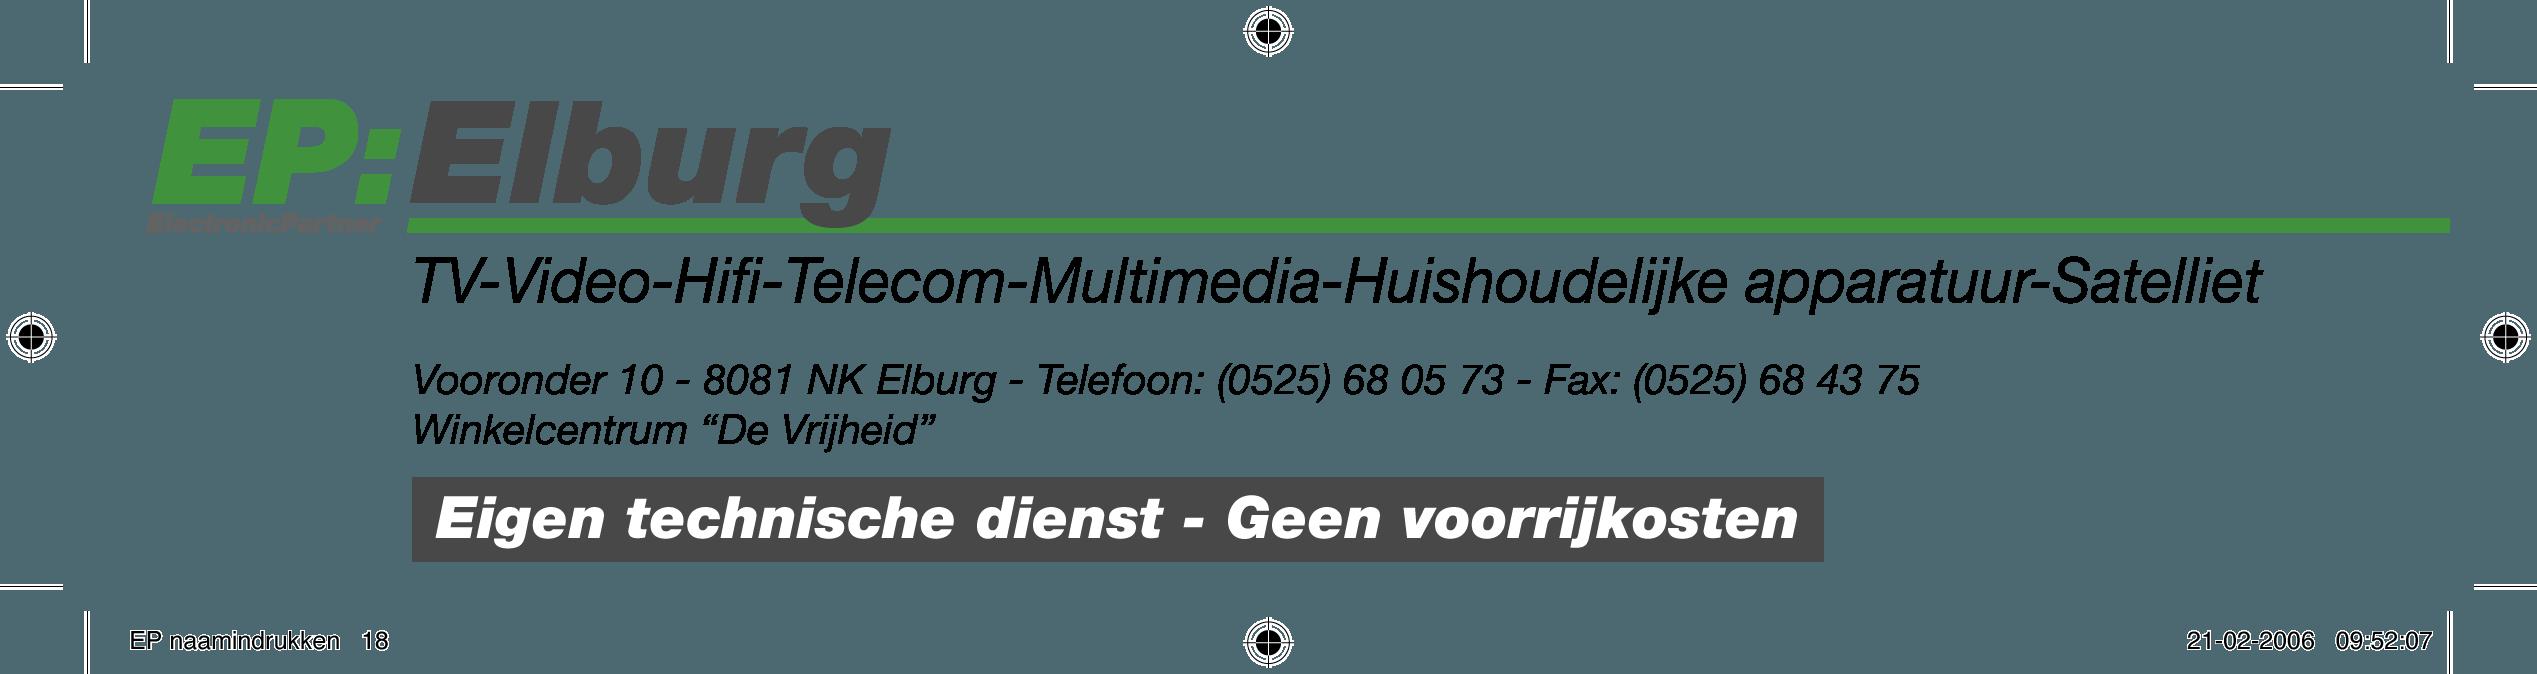 EP Elburg